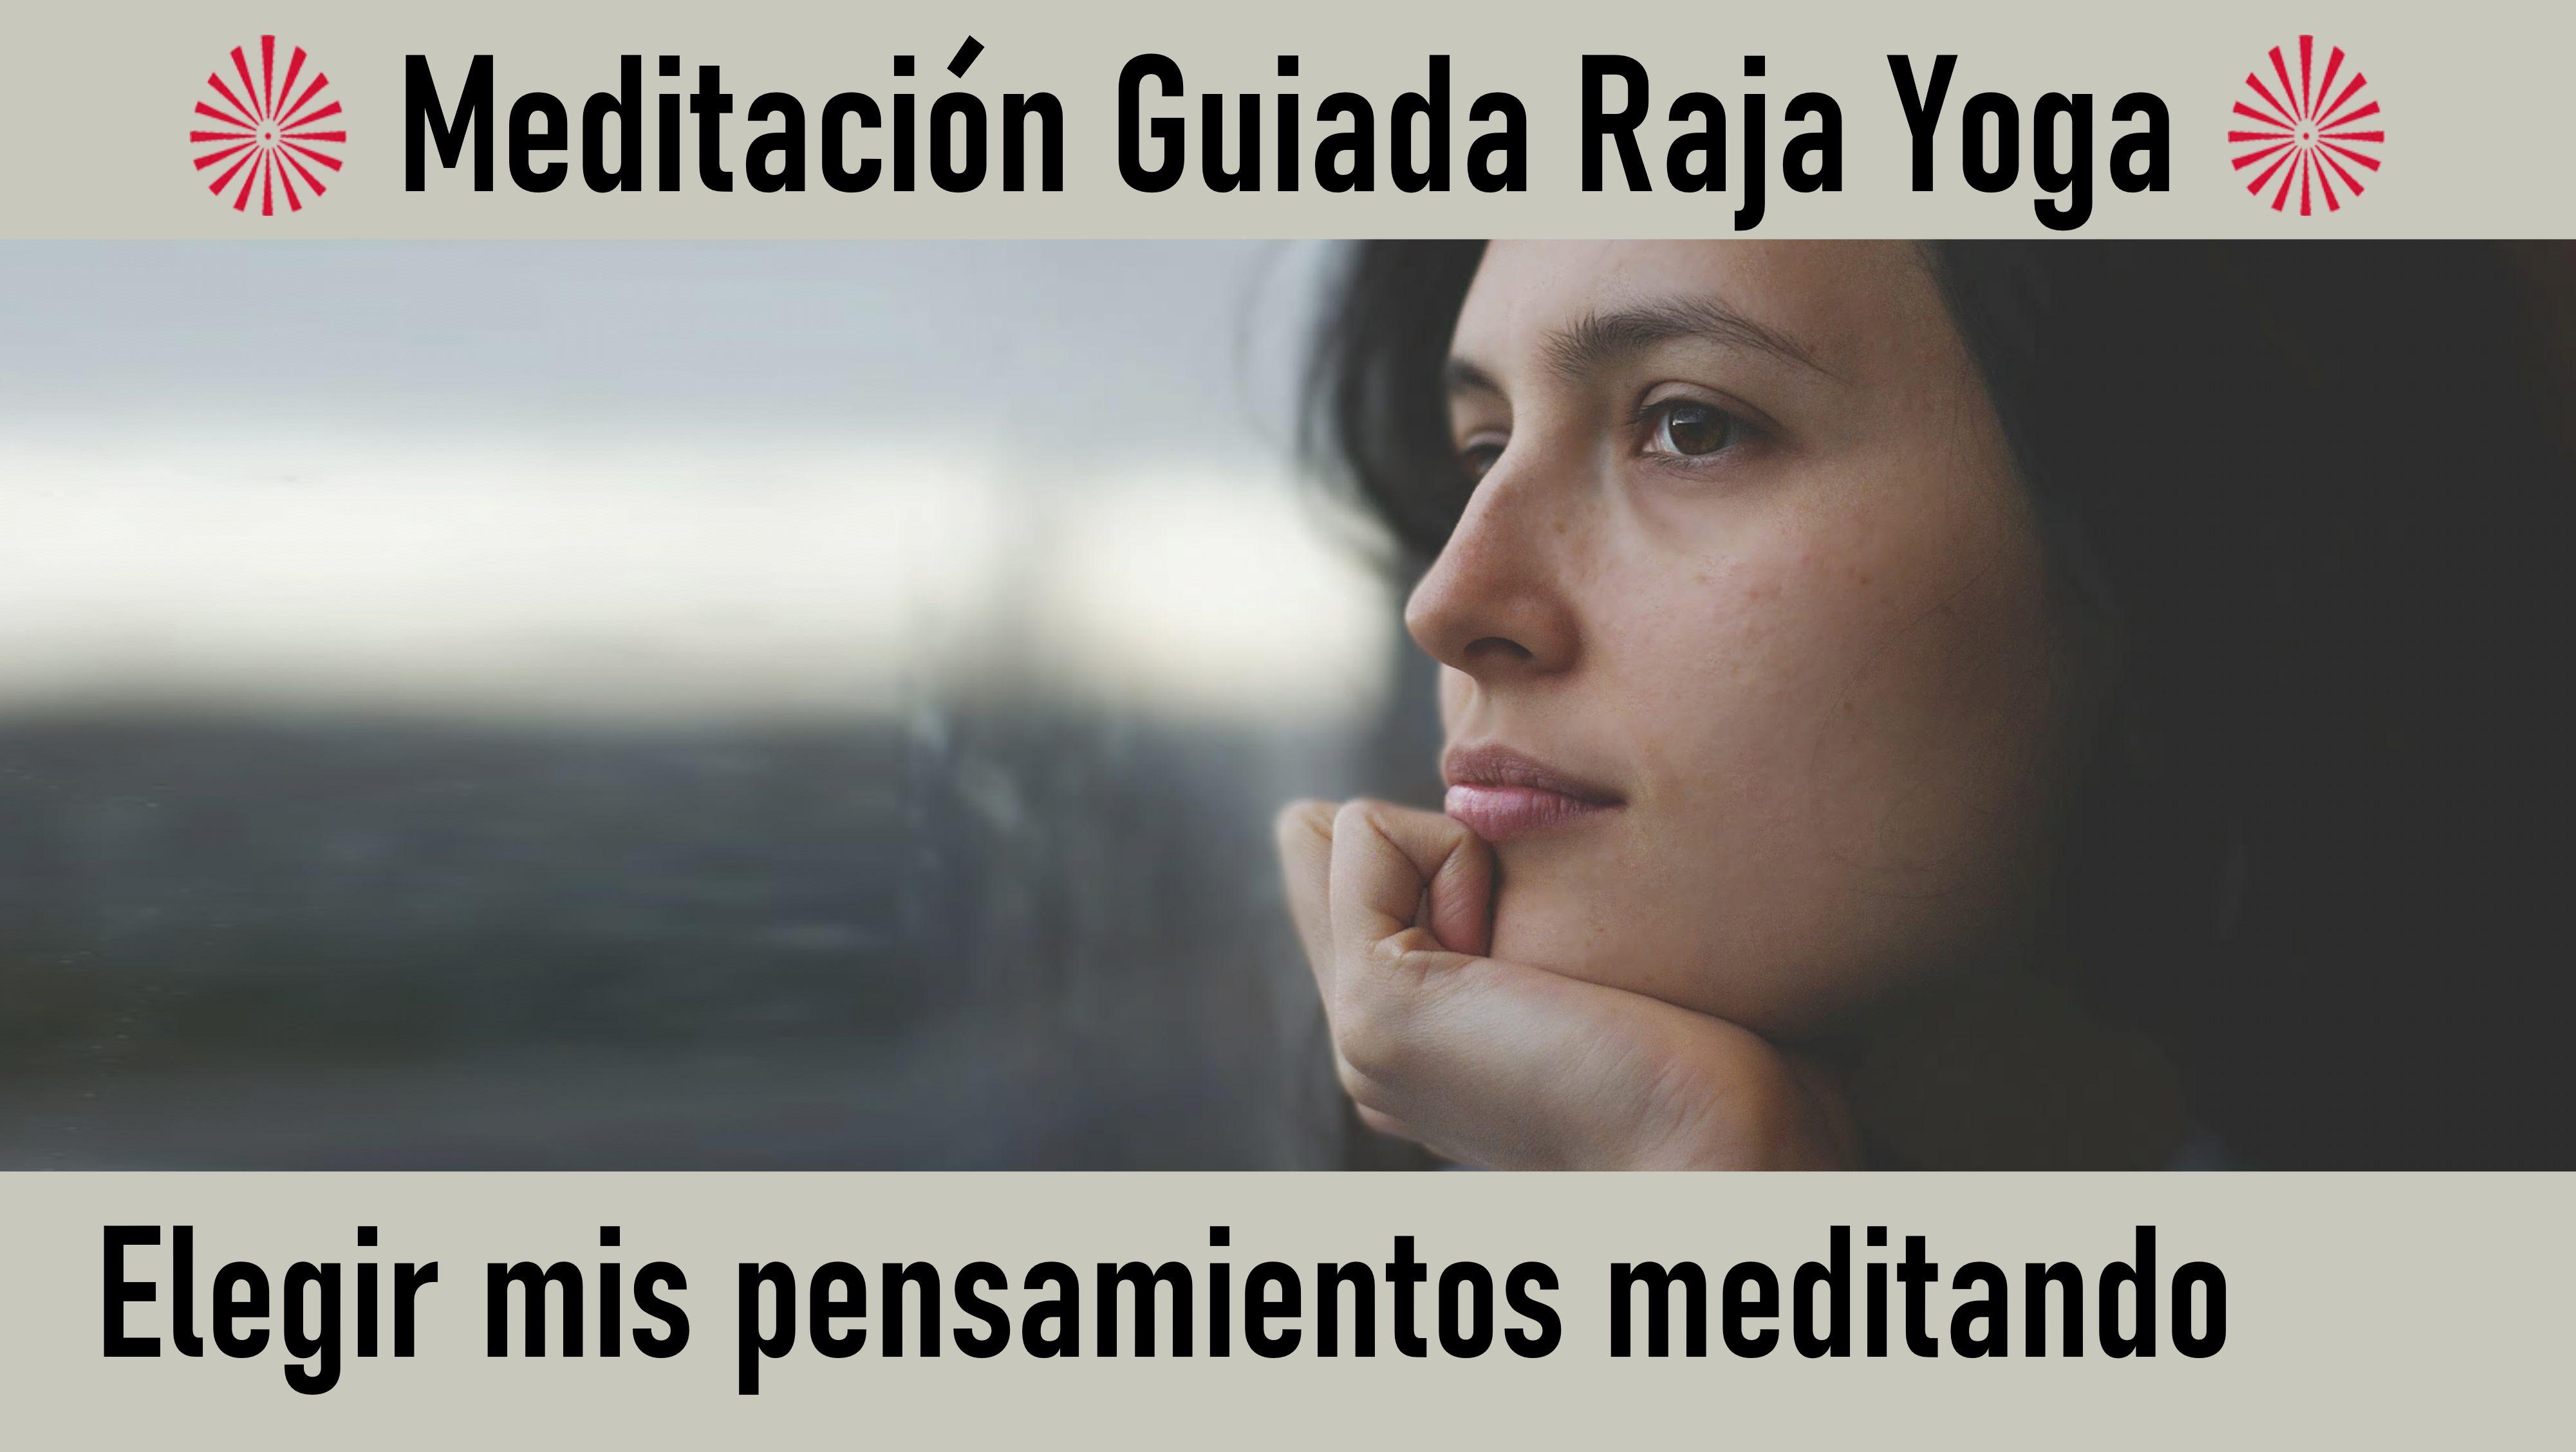 22 Julio 2020 Meditación Guiada: Elegir mis pensamientos meditando